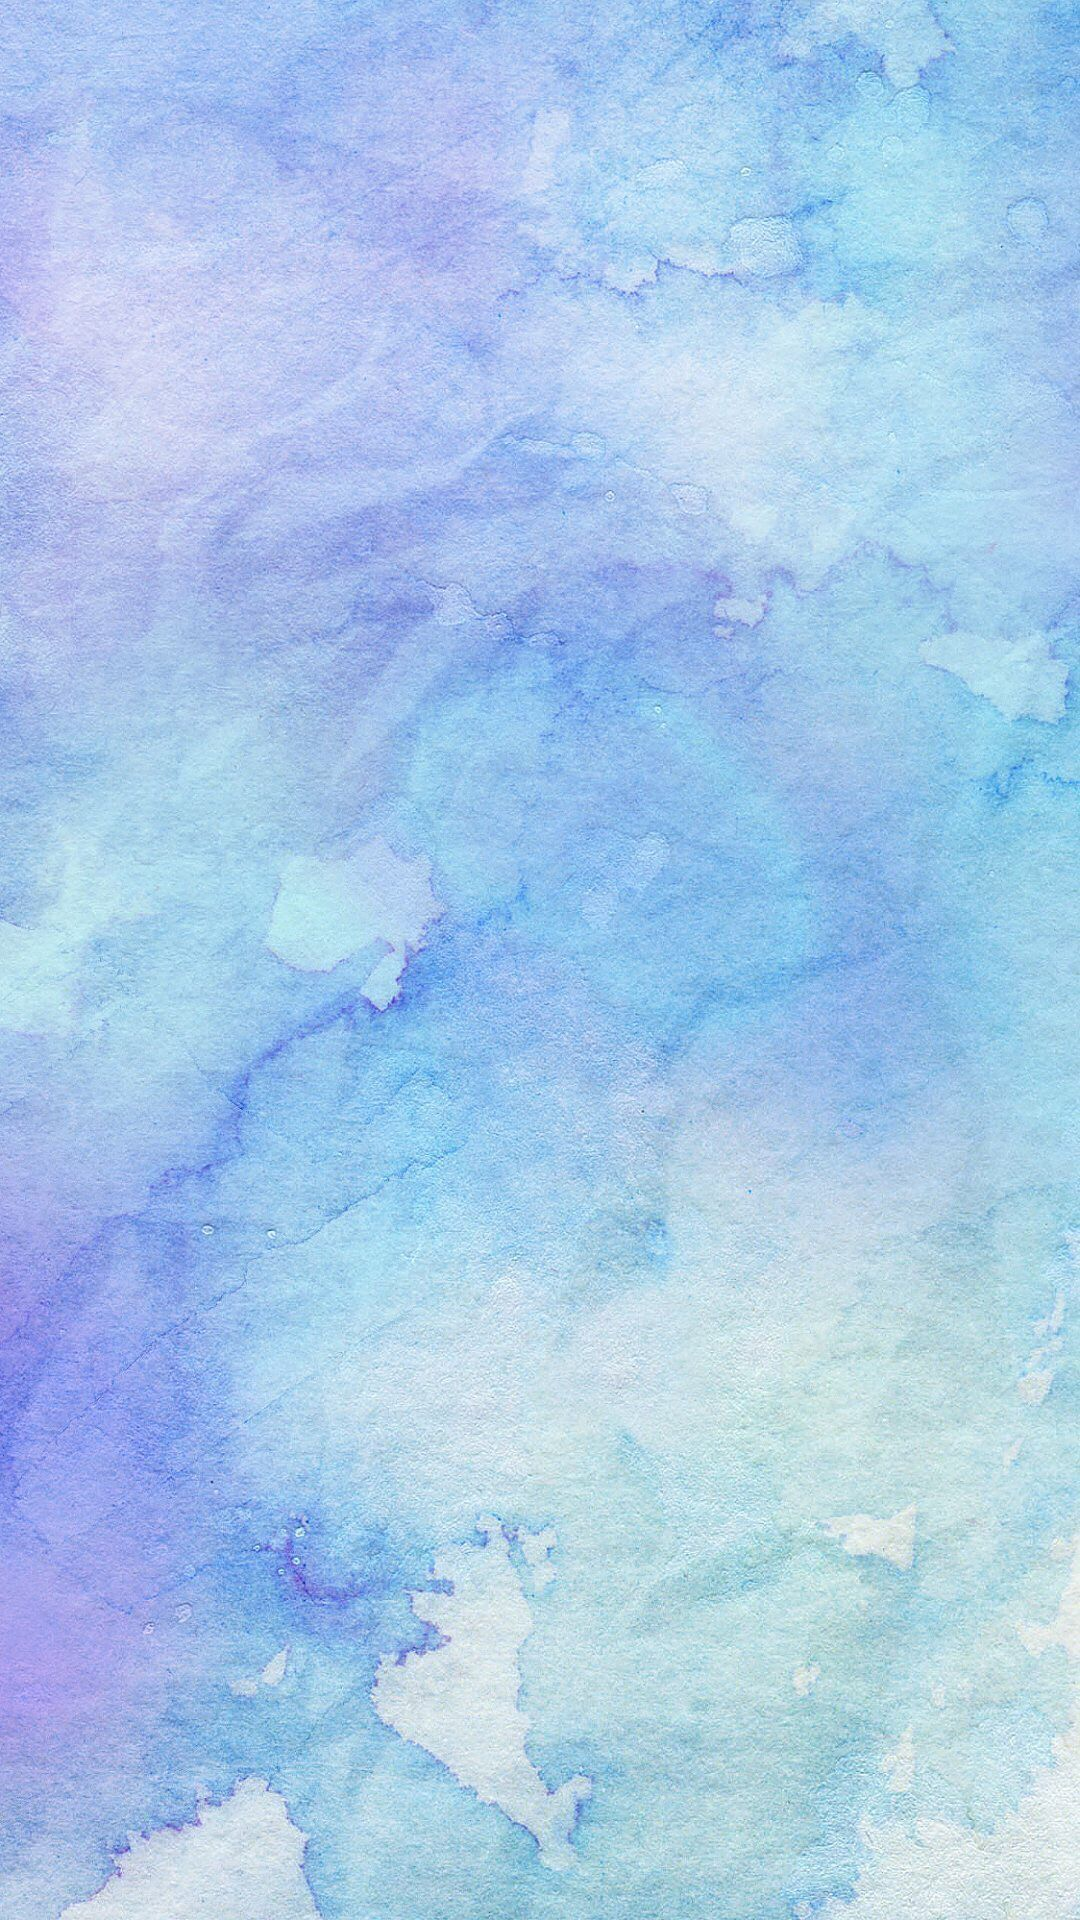 Pastel Blue Pattern Wallpaper Download Firefox Wallpaper Free